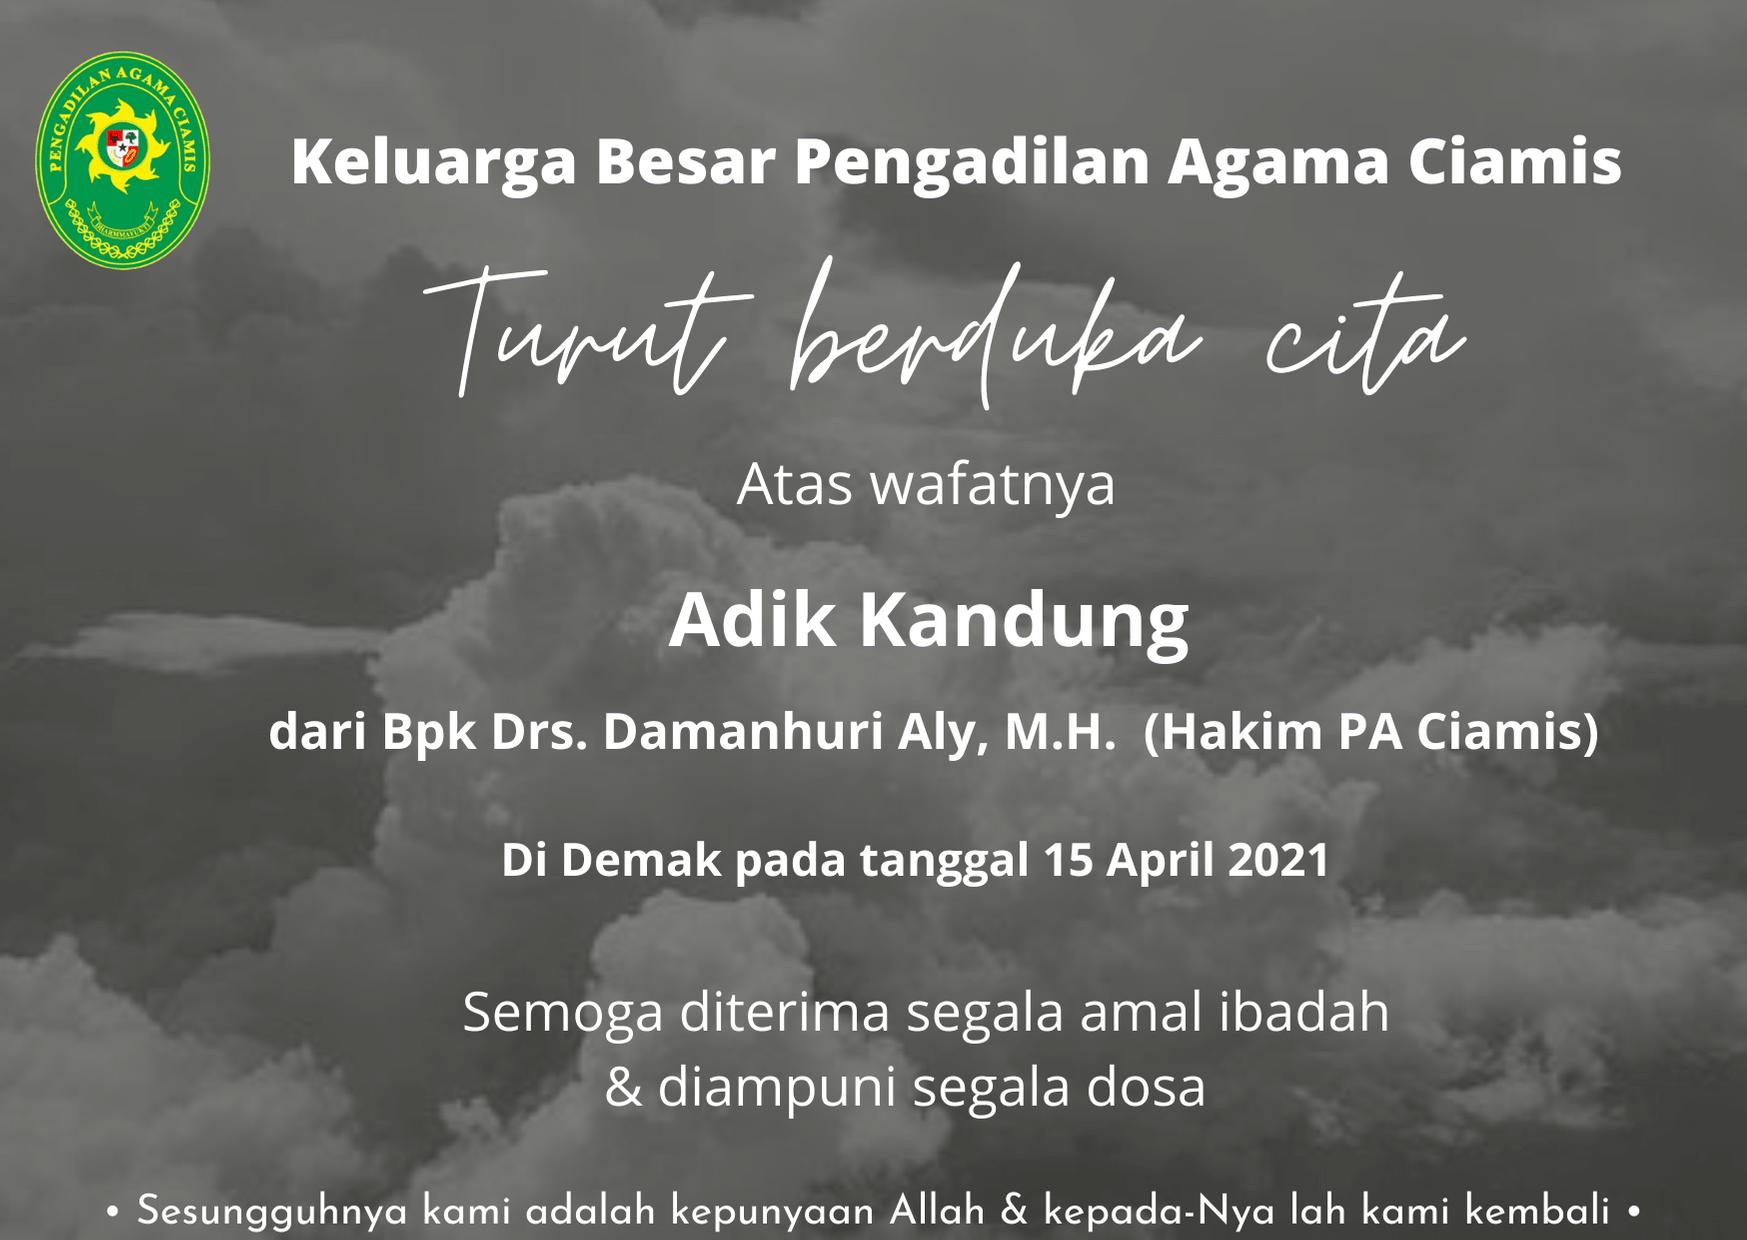 TURUT BERDUKA CITA ATAS WAFATNYA Adik Kandung dari Bpk Damanhuri Aly, M.H. (Hakim PA Ciamis)